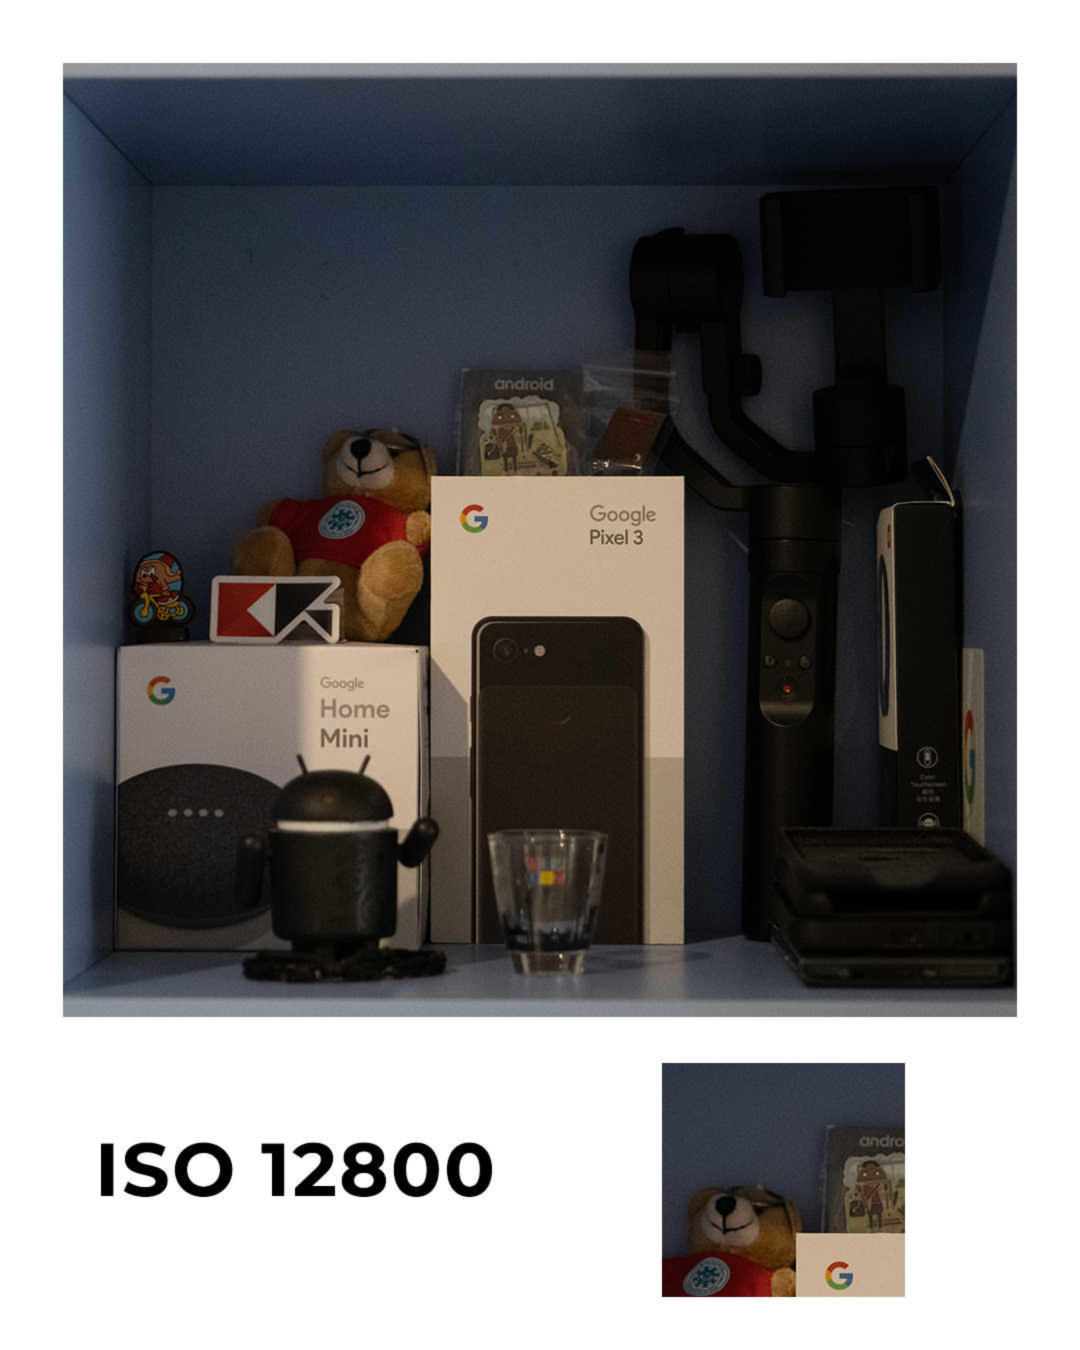 Panasonic Lumix S1 ISO12800